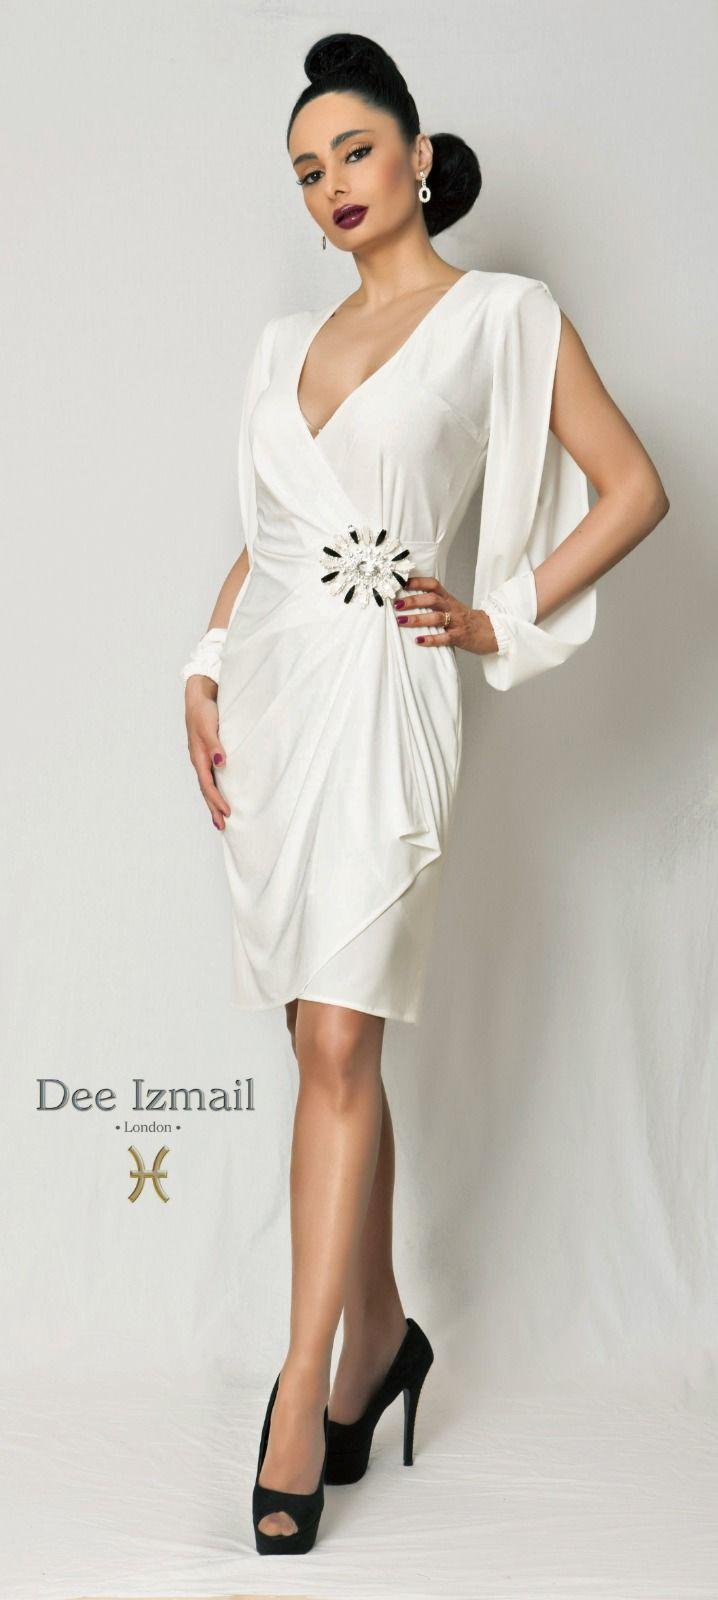 Dee Izmail Lookbook